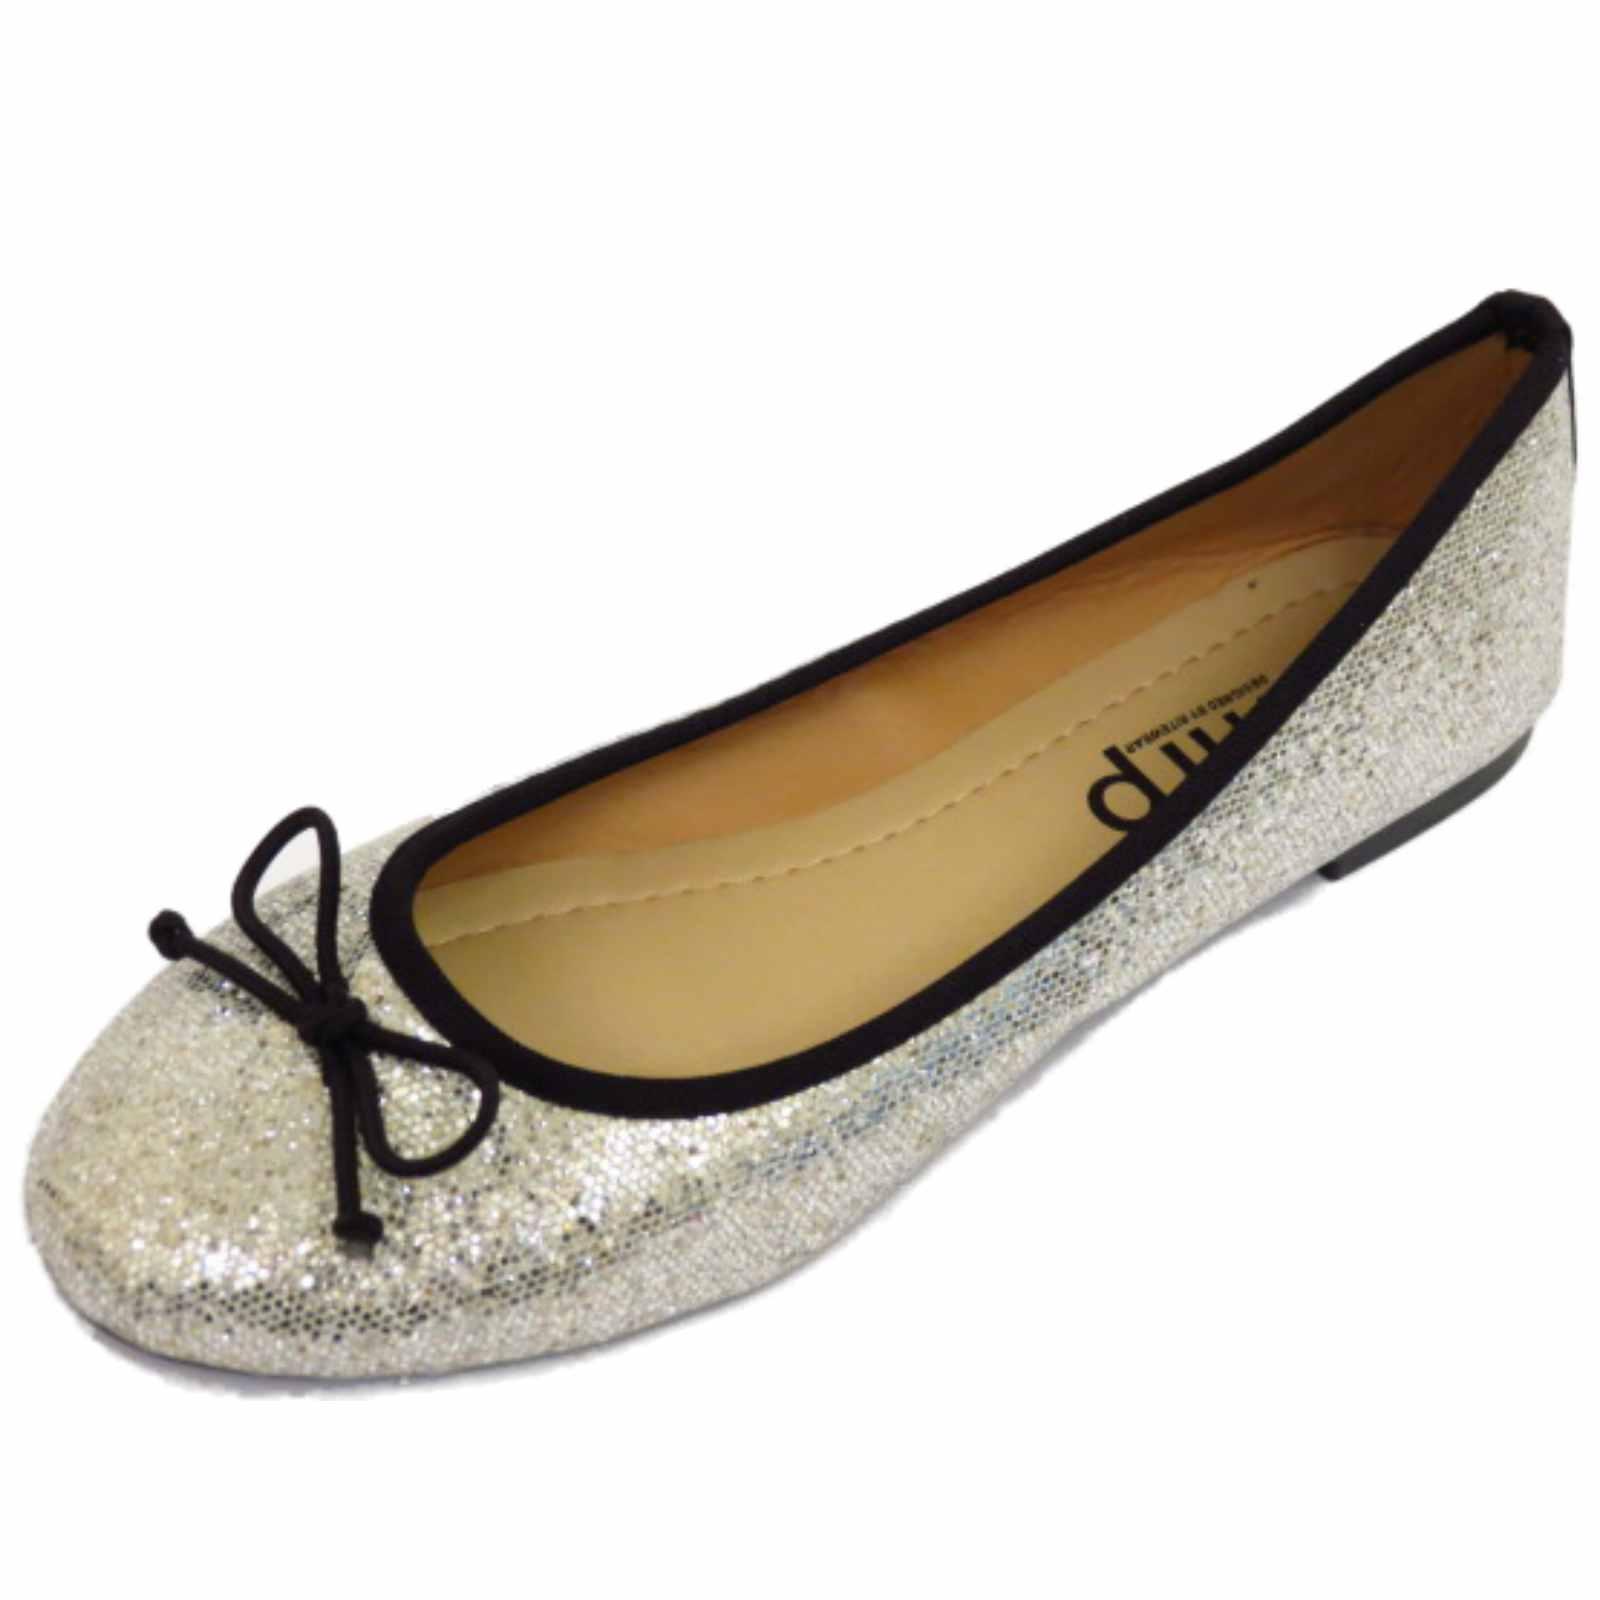 Mujer Plano Purpurina Sin Cordones Zapatos Muñequita Cómodo Ballet Bailarina